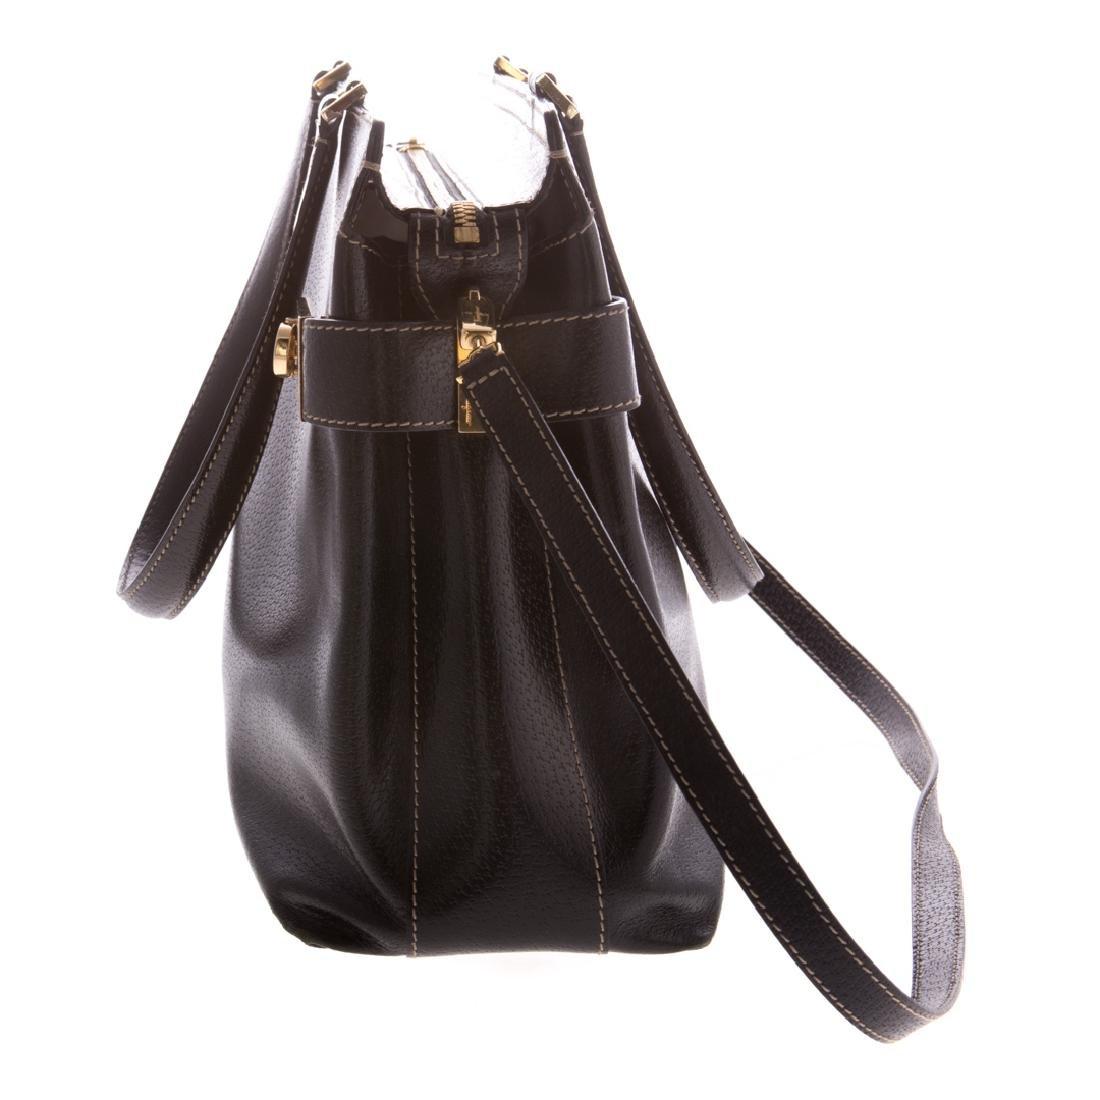 A Salvatore Ferragamo Gancini Handbag - 3